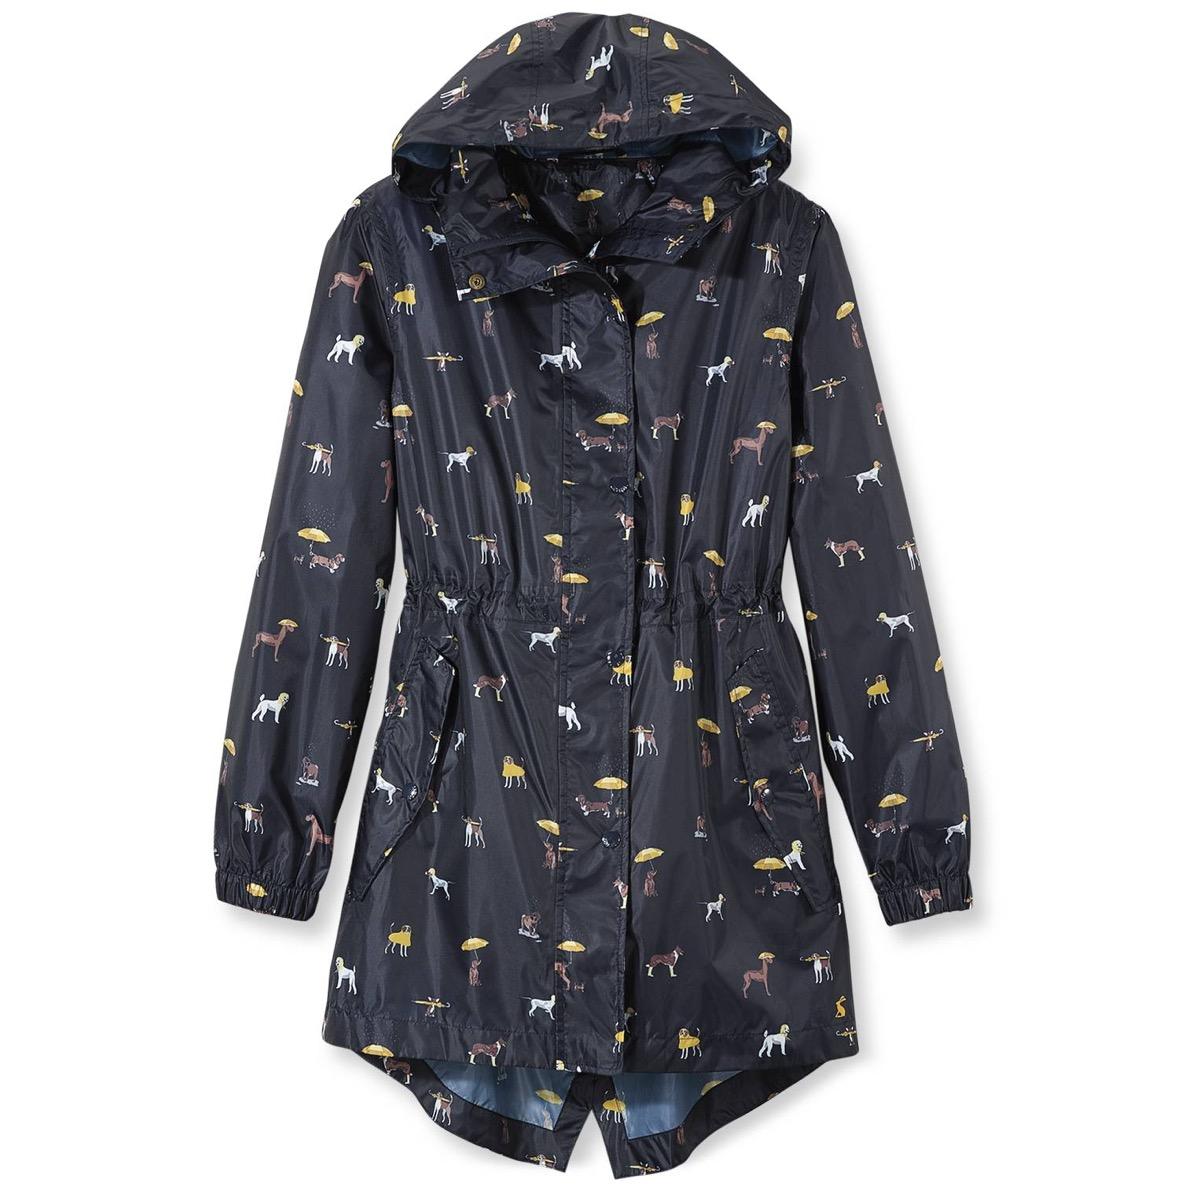 Dog-embellished raincoat